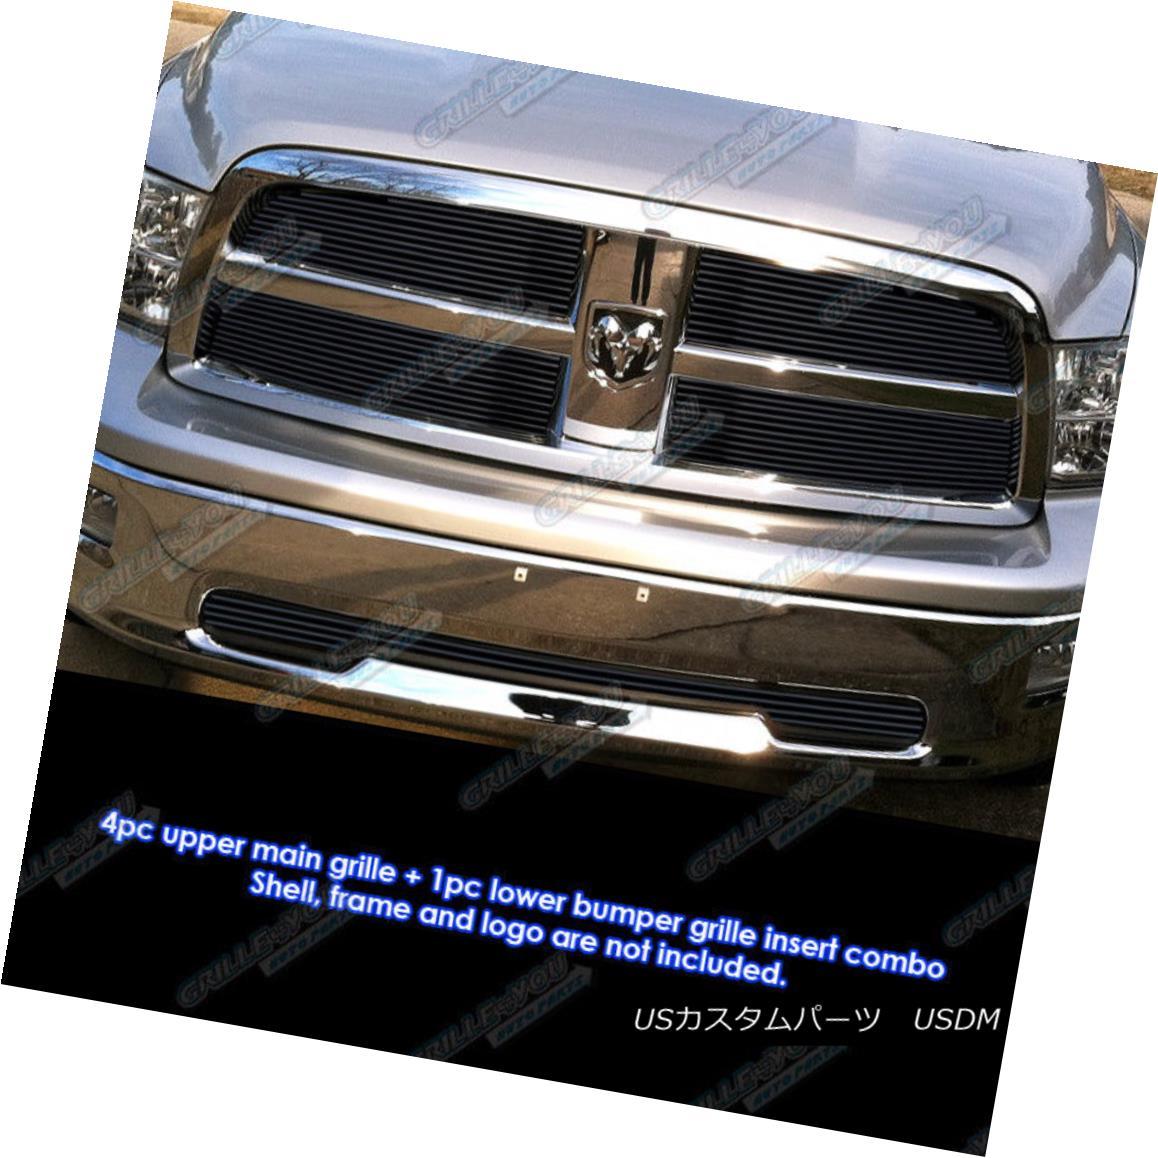 グリル Fits 2009-2012 Dodge Ram 1500 Regular Model Black Billet Grille Combo Pack 2009-2012 Dodge Ram 1500レギュラーモデルBlack Billet Grille Combo Pack